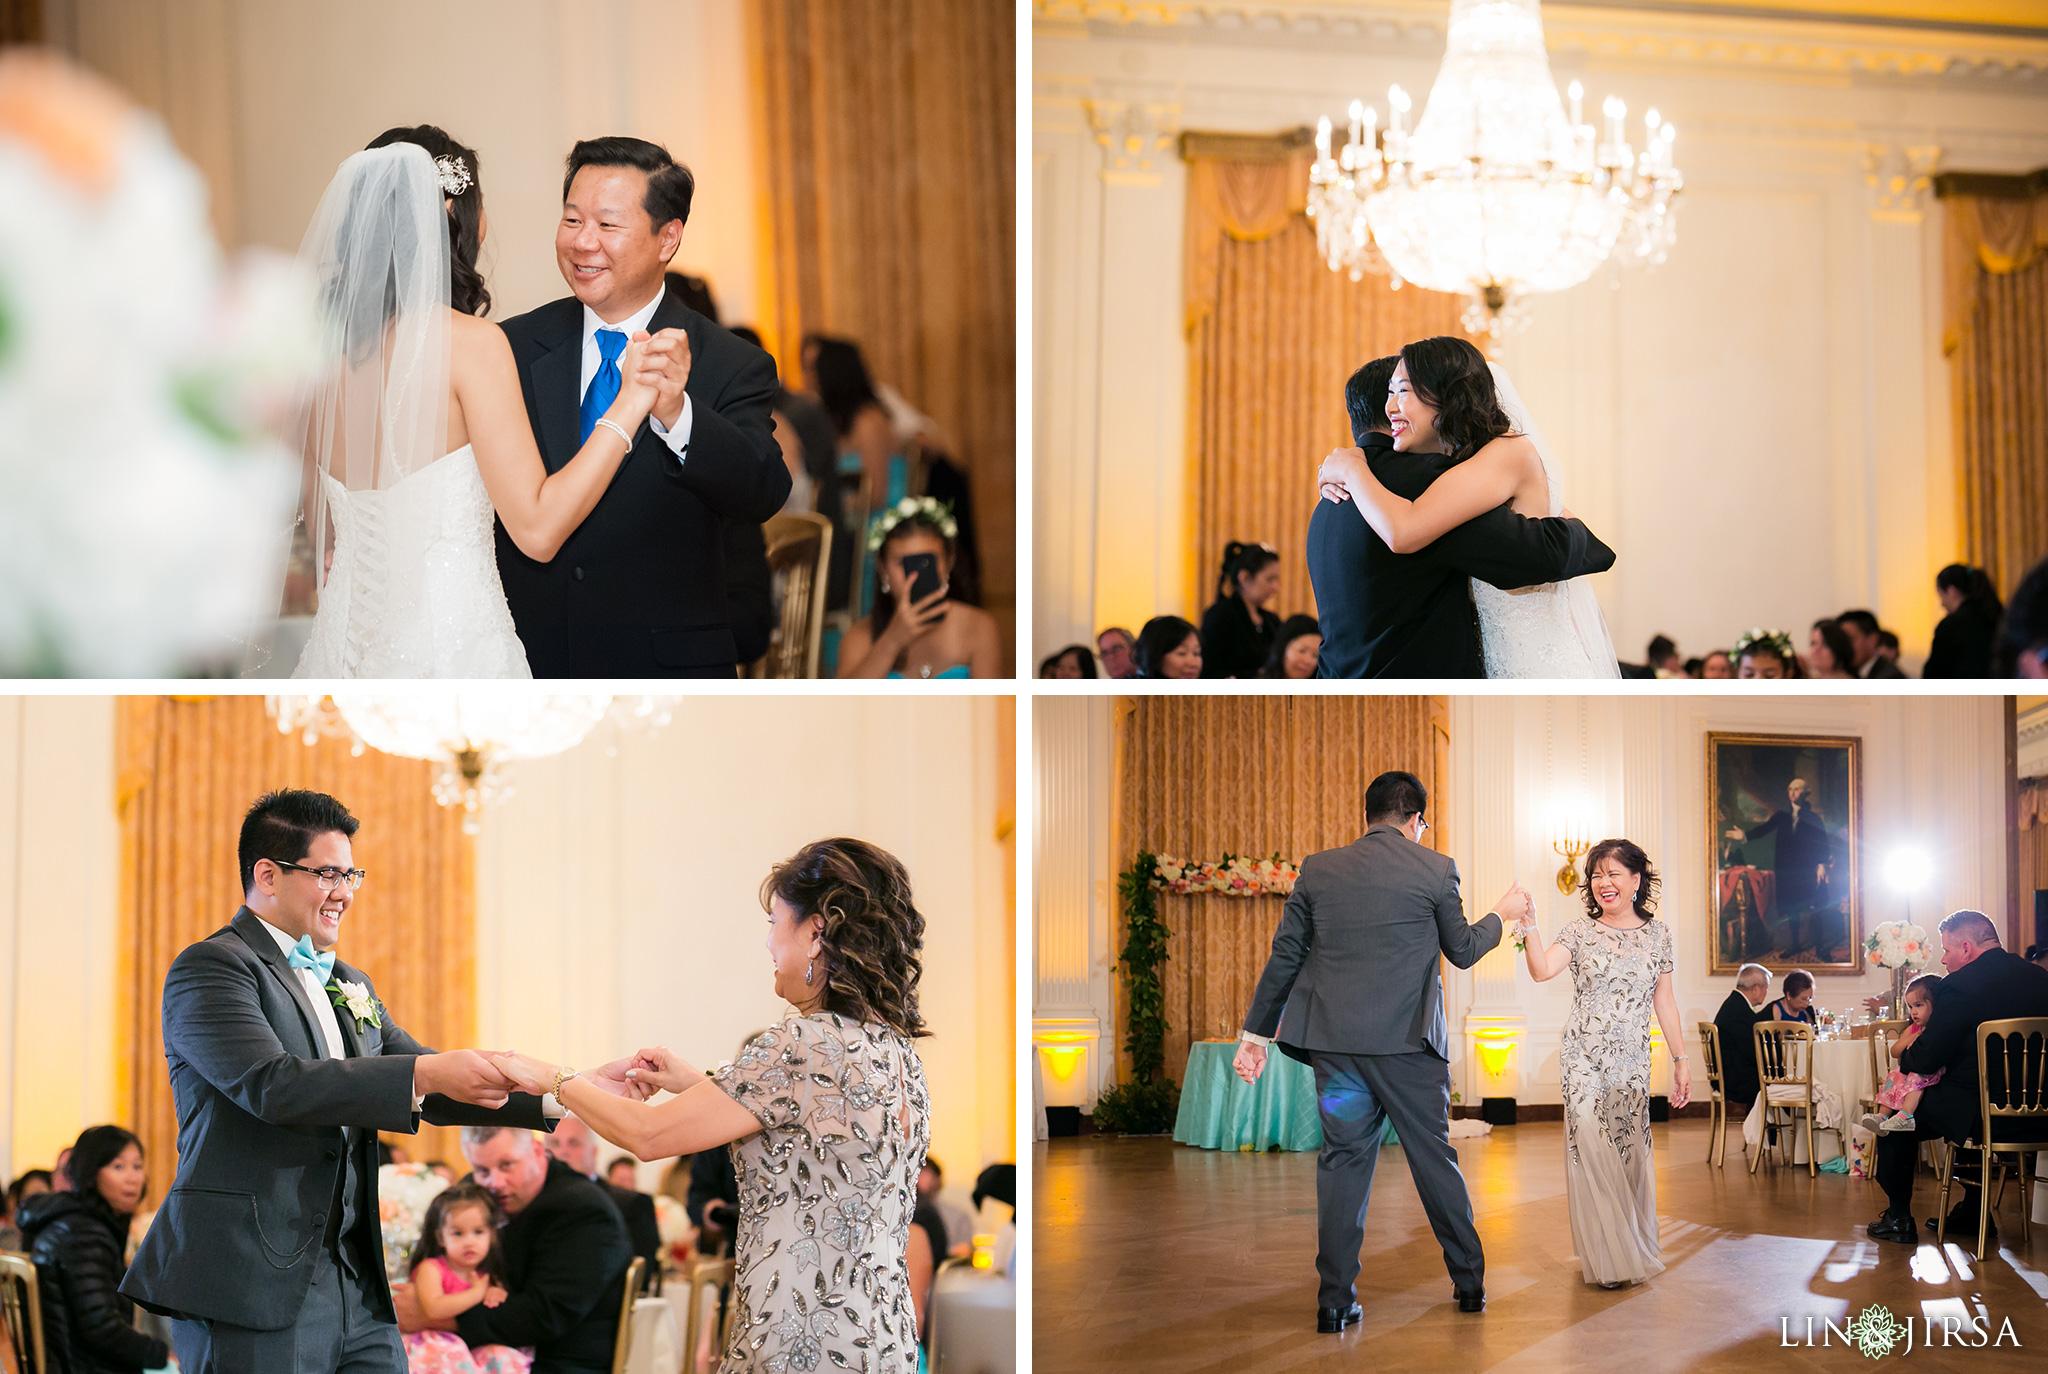 38-richard-nixon-libary-wedding-photography